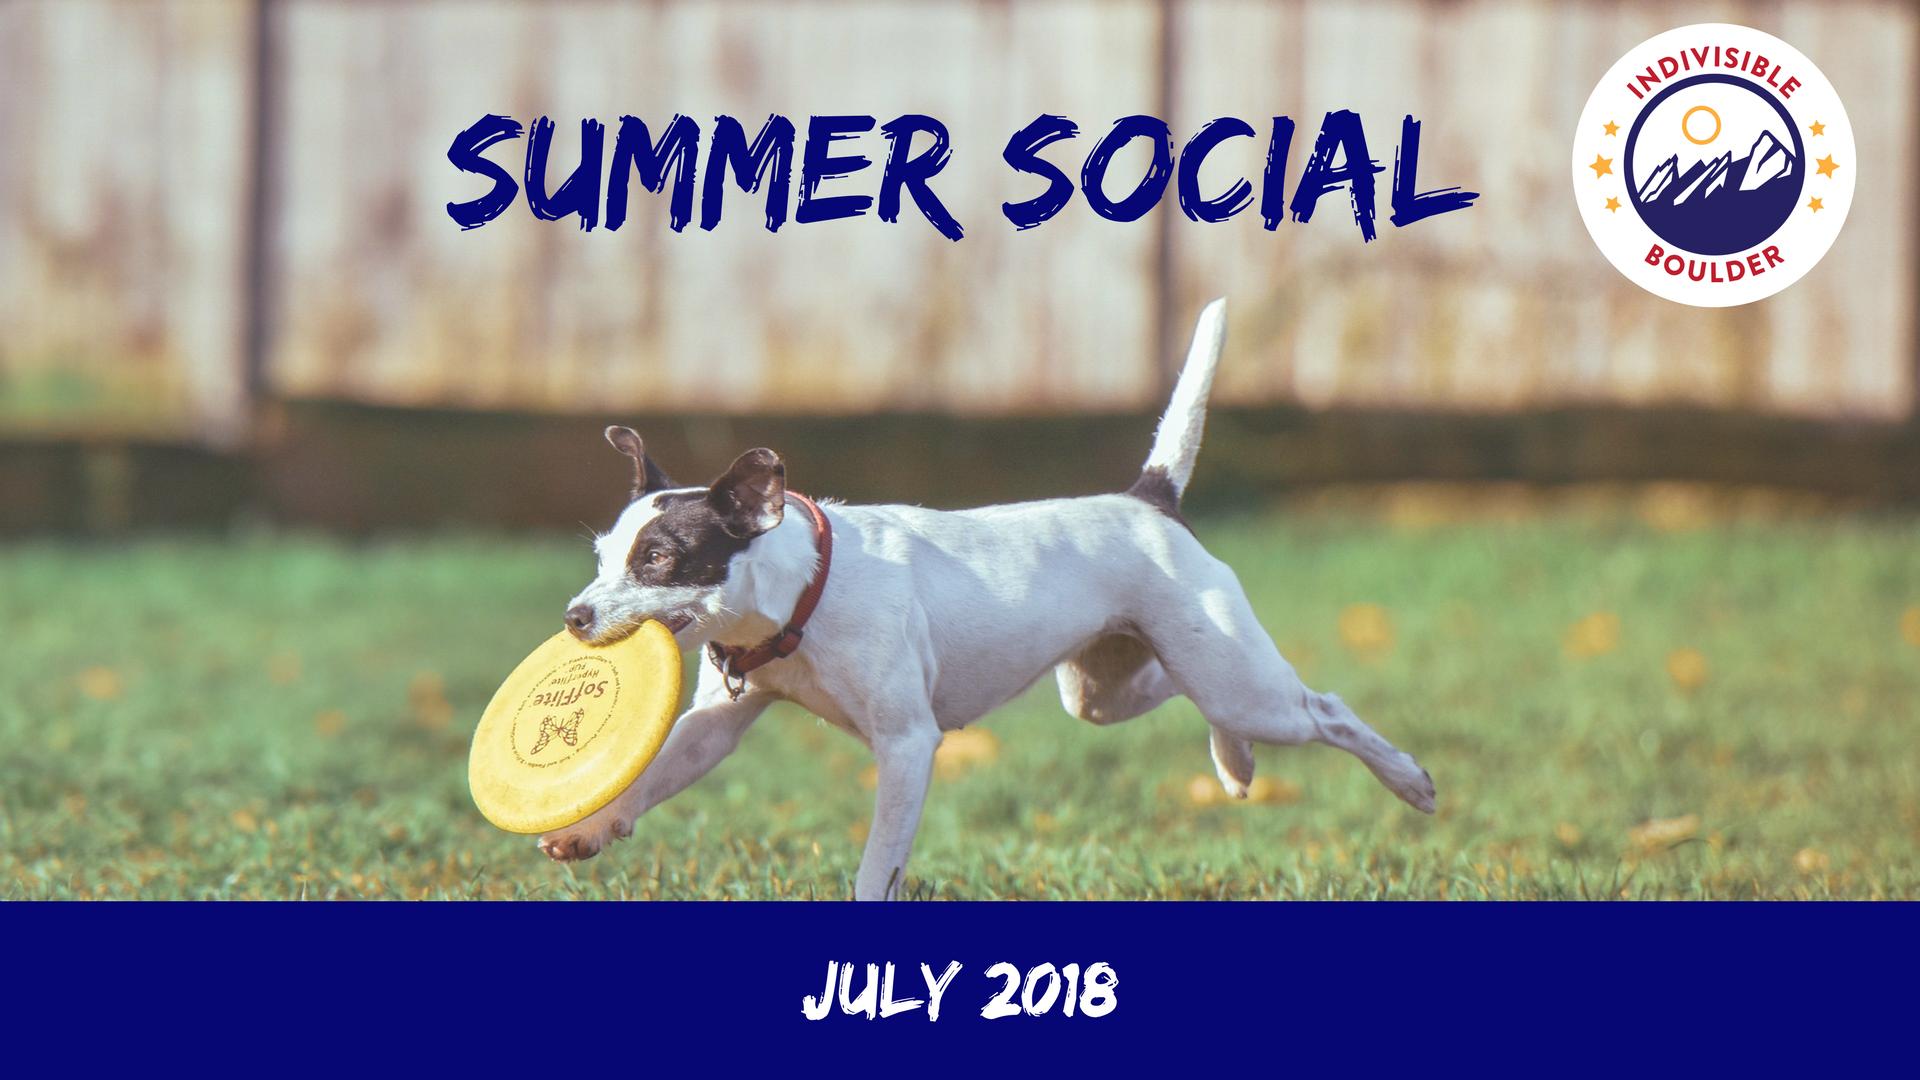 Summer_social